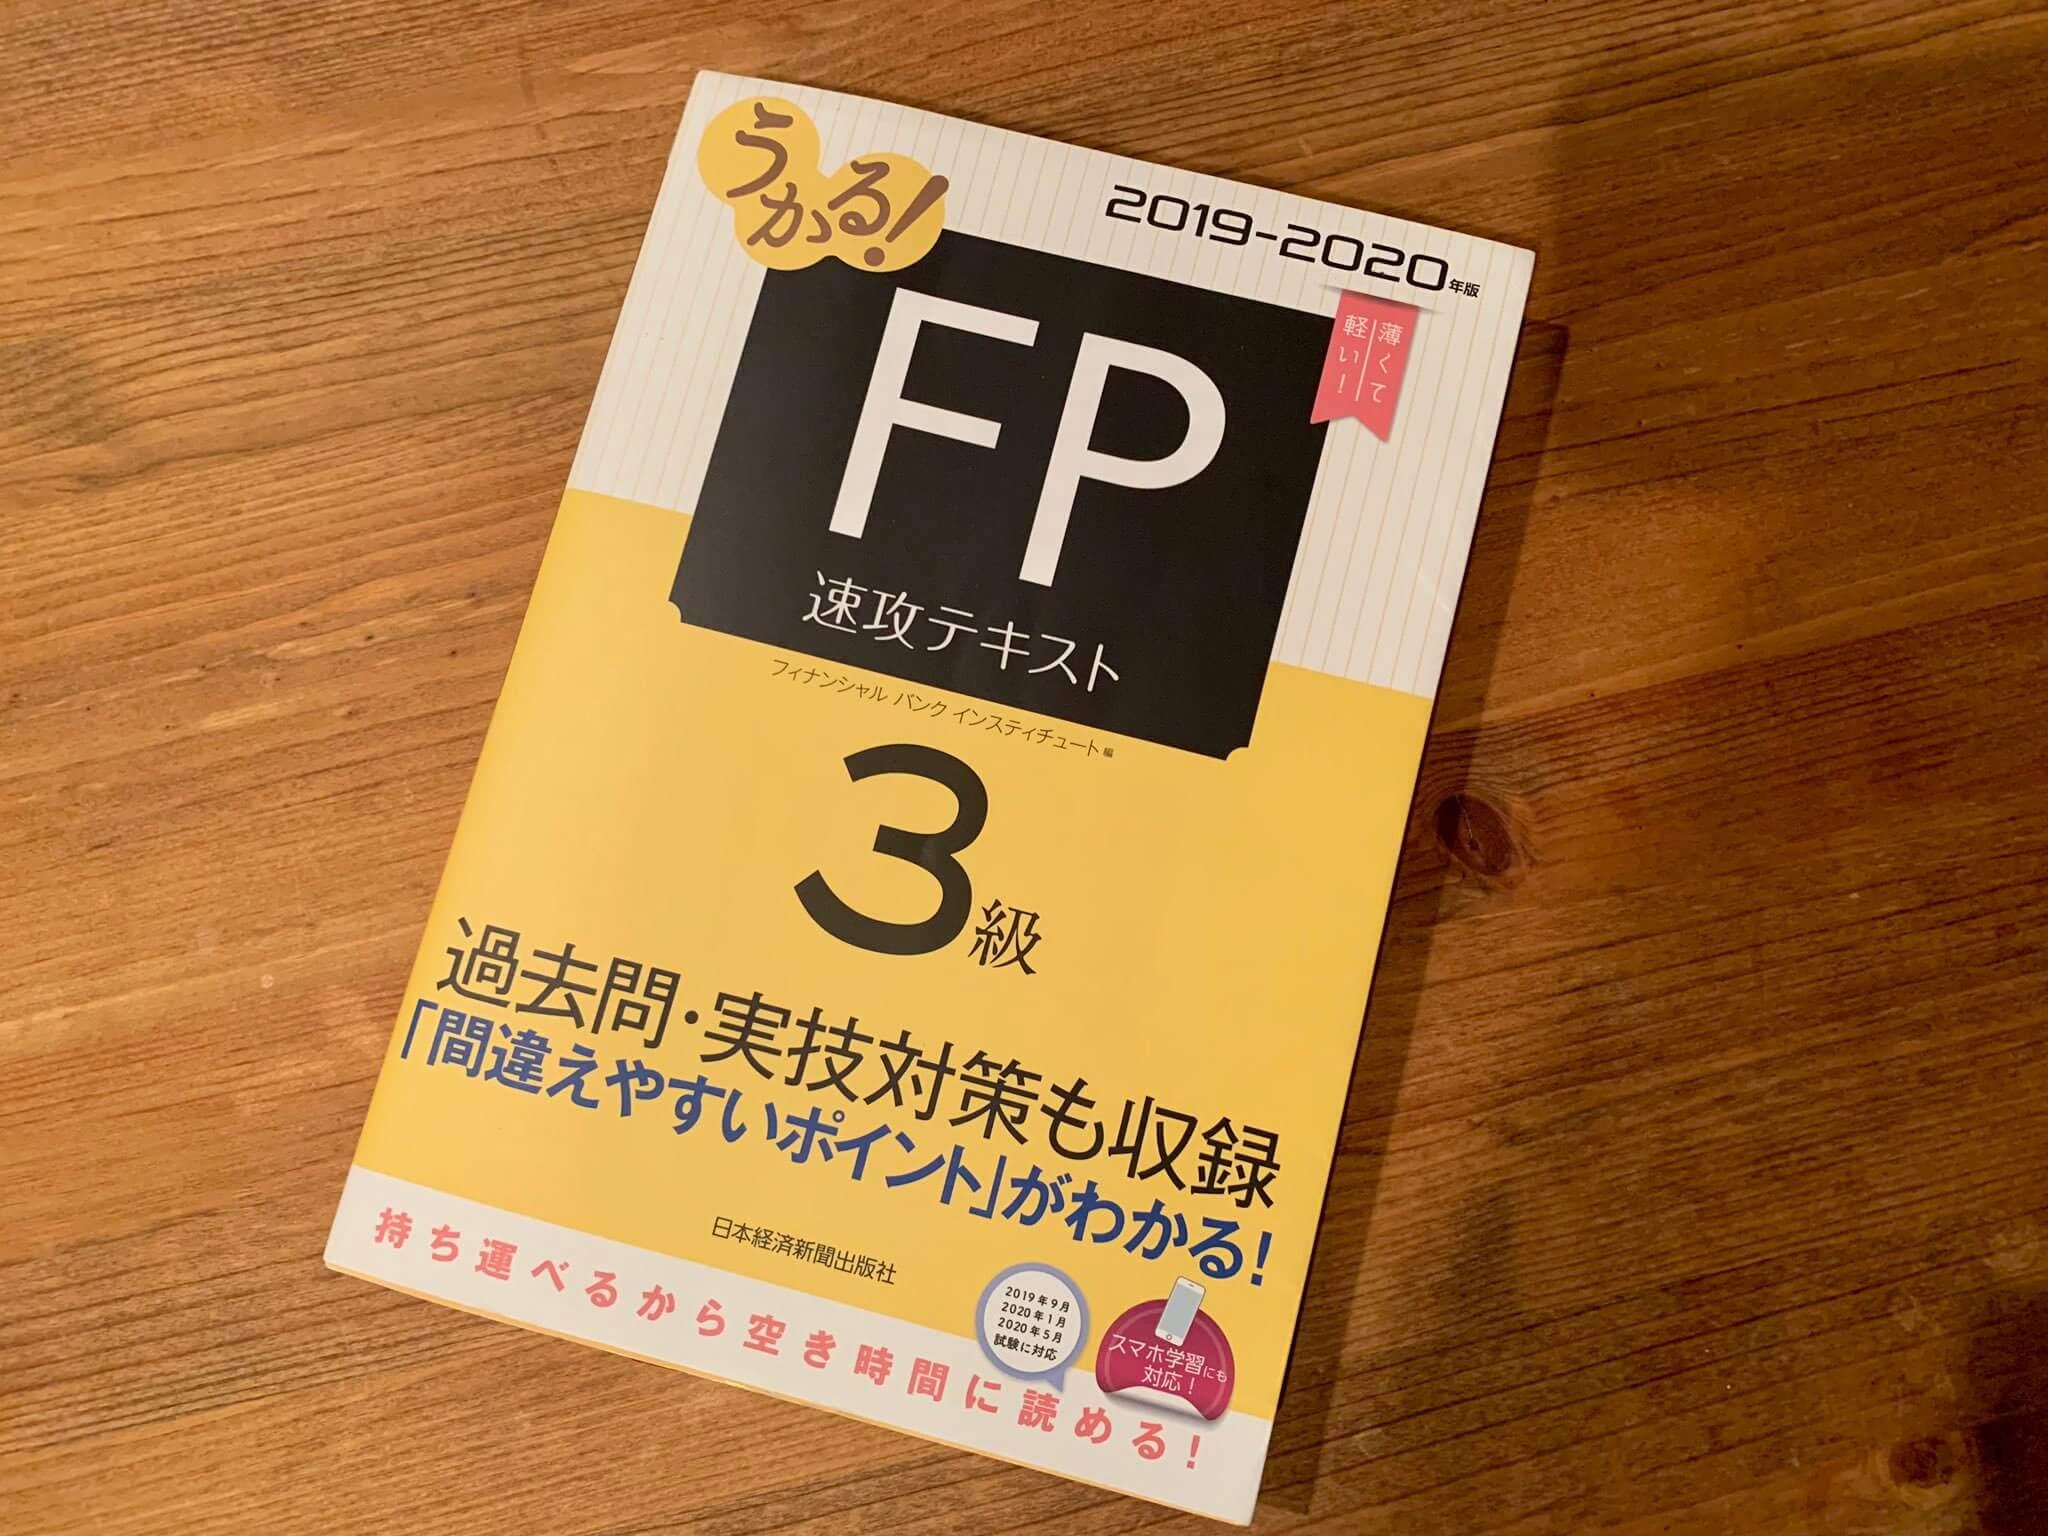 こちらのテキストでFP3級に向けて勉強中です